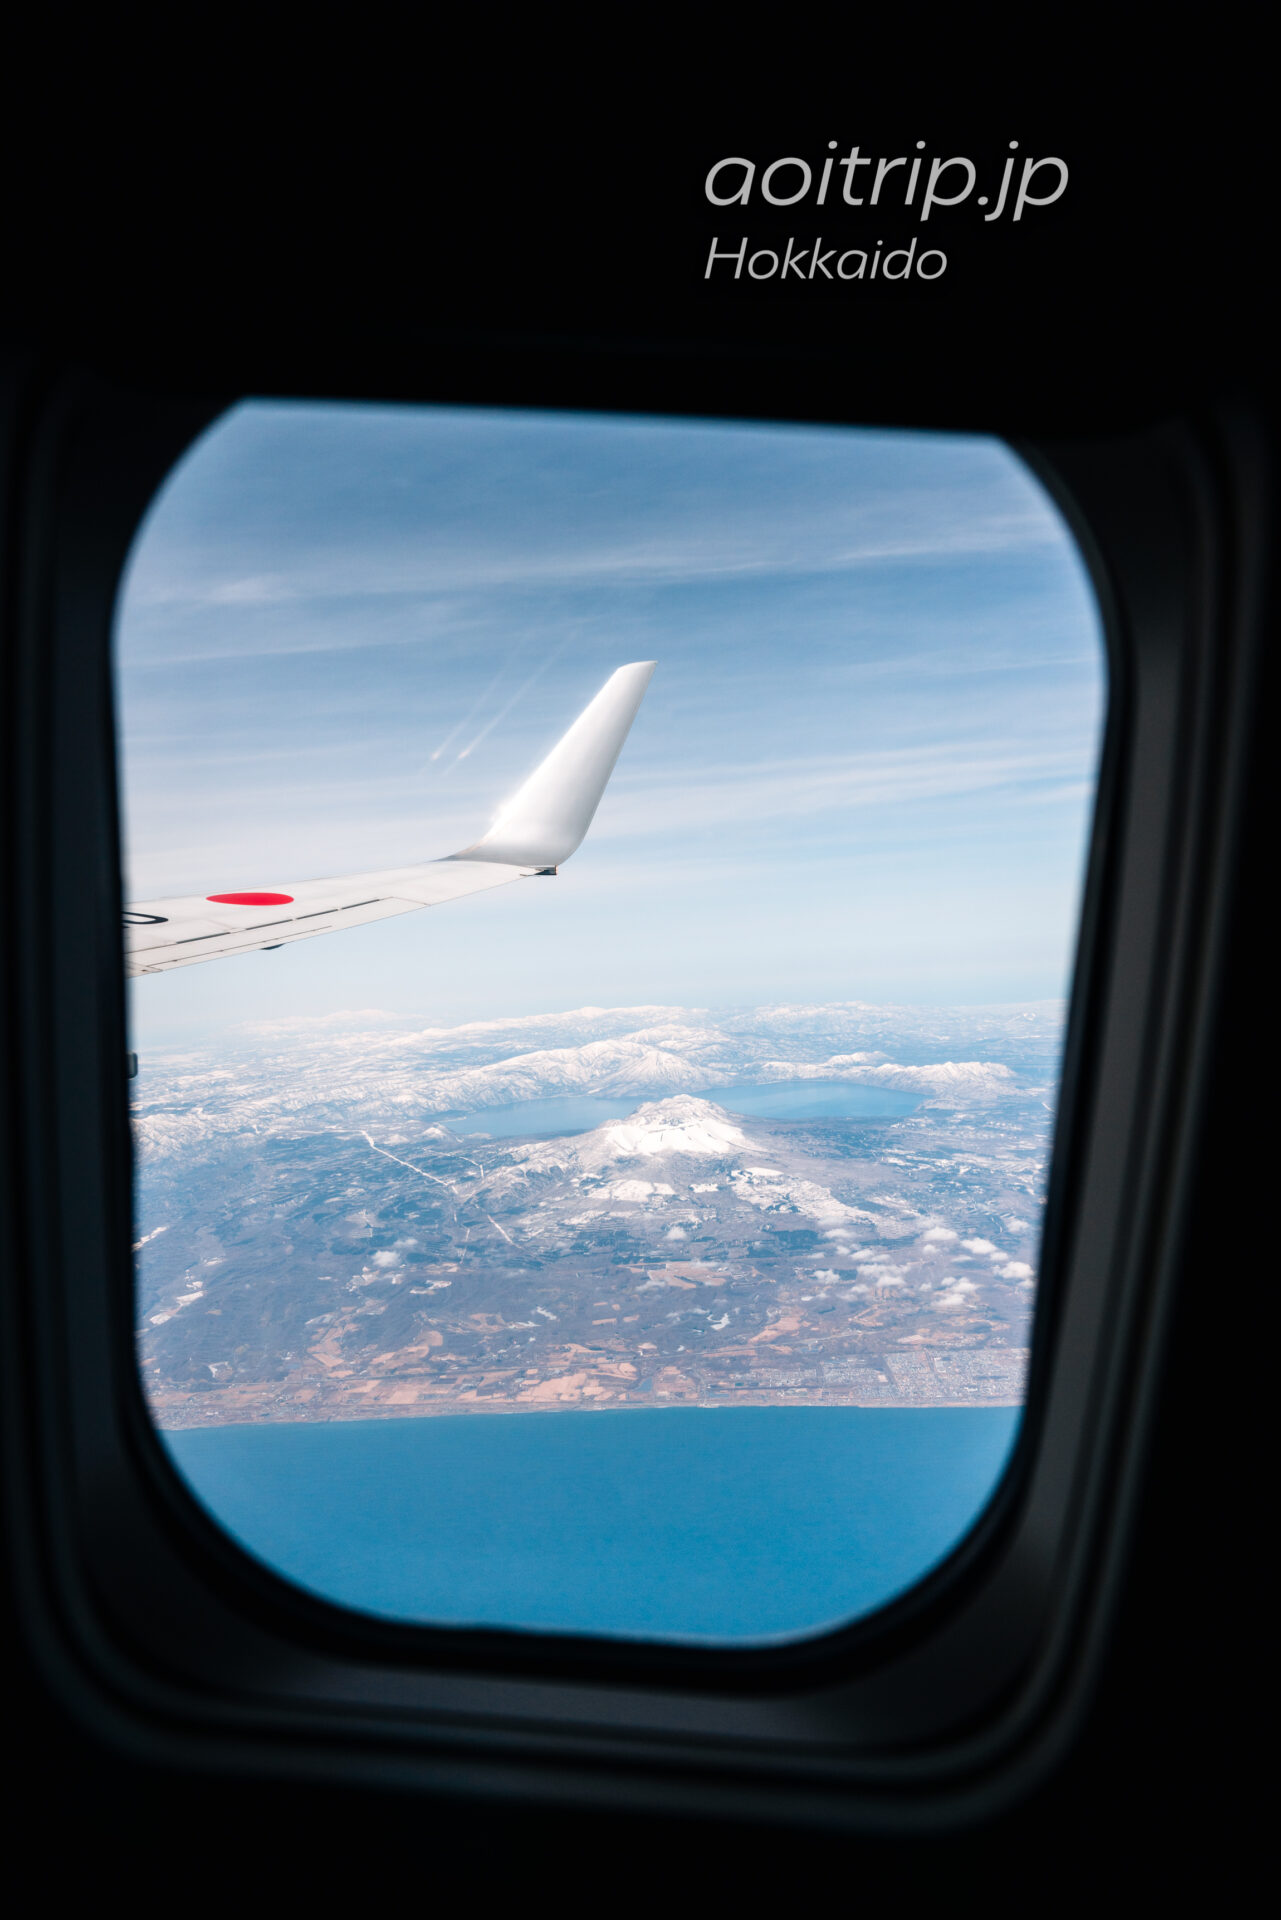 北海道の航空写真 飛行機の窓から 3月 支笏洞爺国立公園の眺望 支笏湖、樽前山、風不死岳、恵庭岳